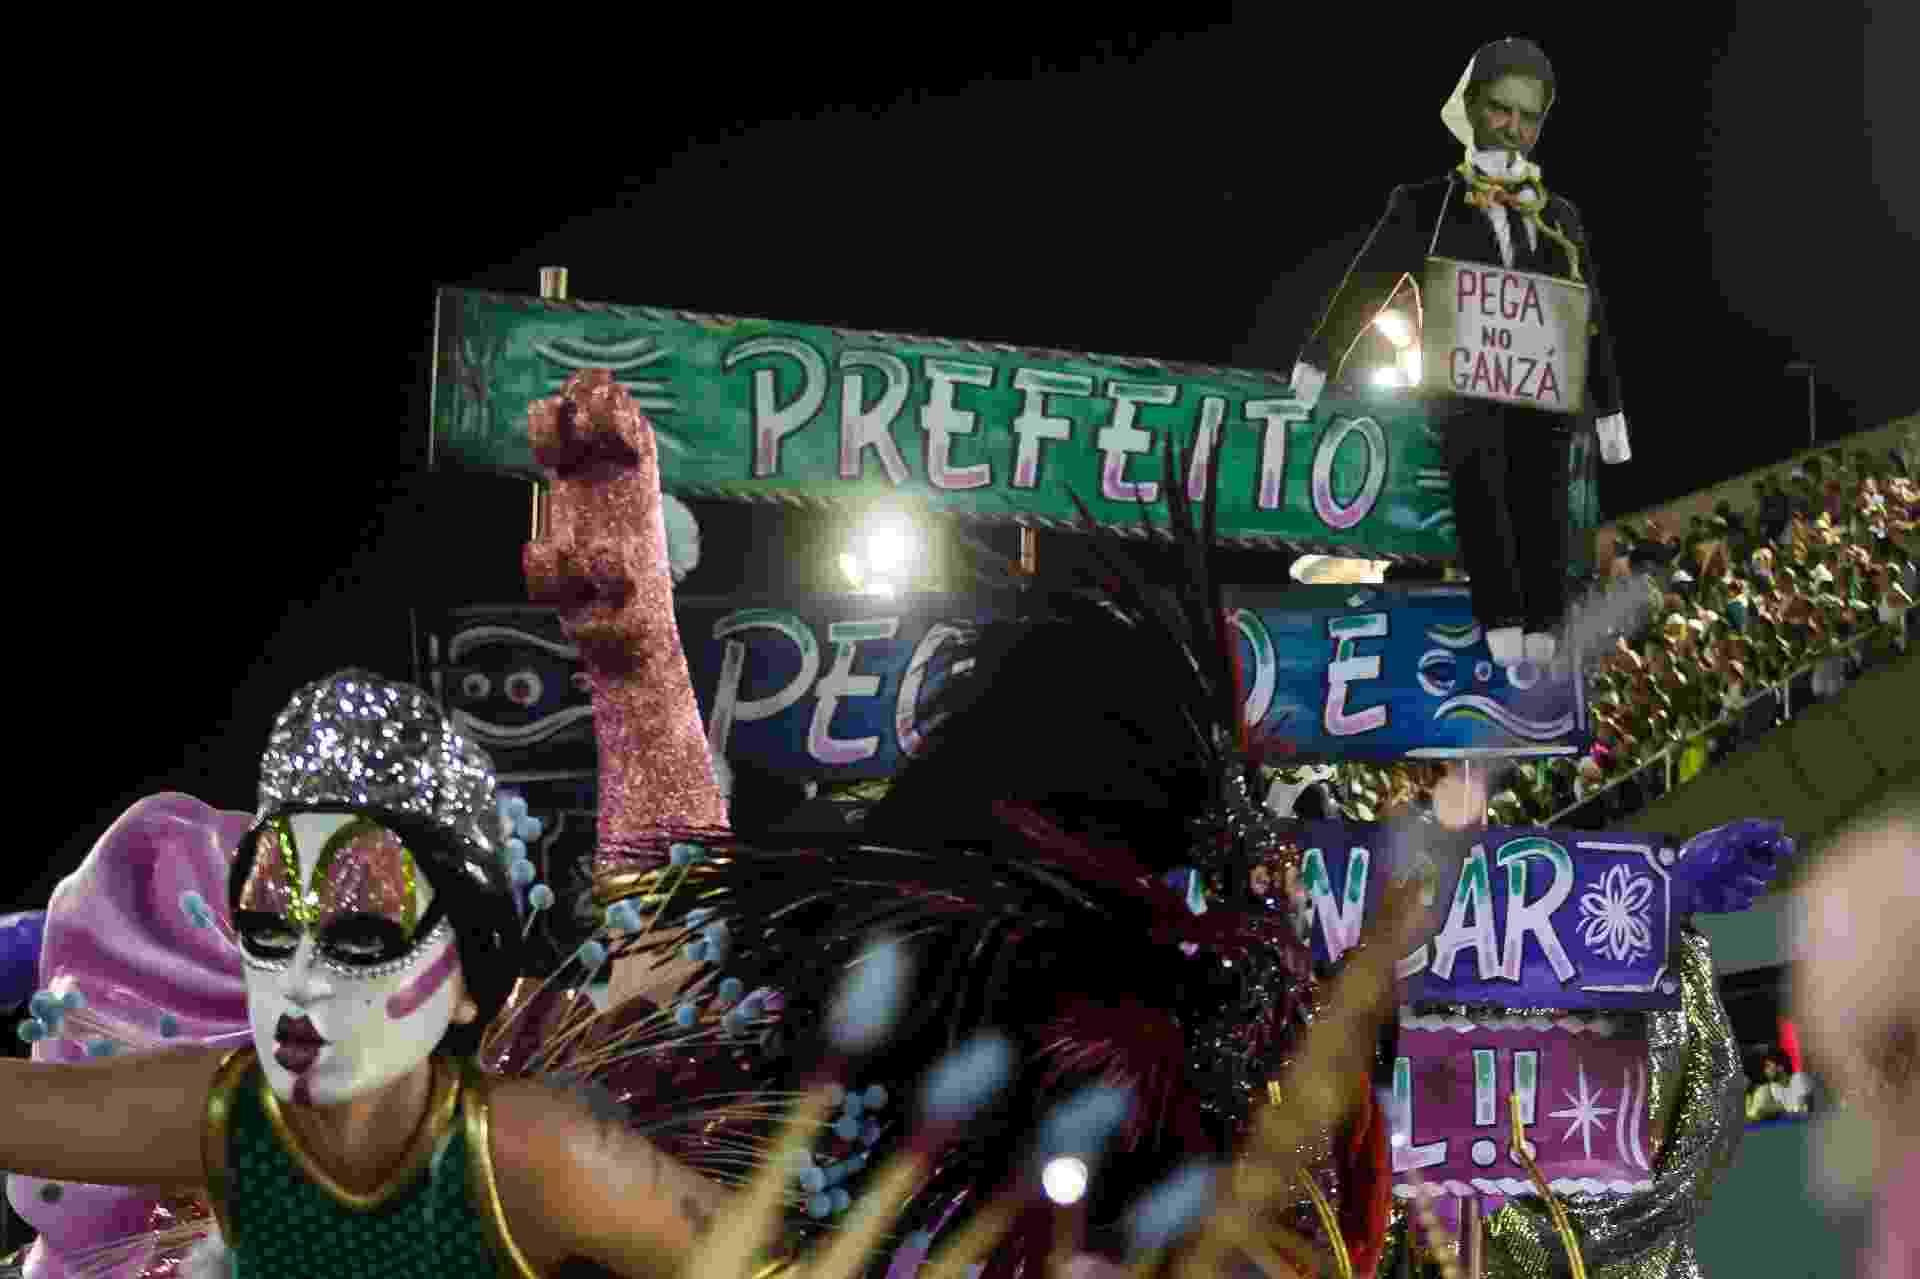 Em desfile, Mangueira faz crítica à falta de apoio ao Carnaval do Rio de Janeiro - Bruna Prado/UOL